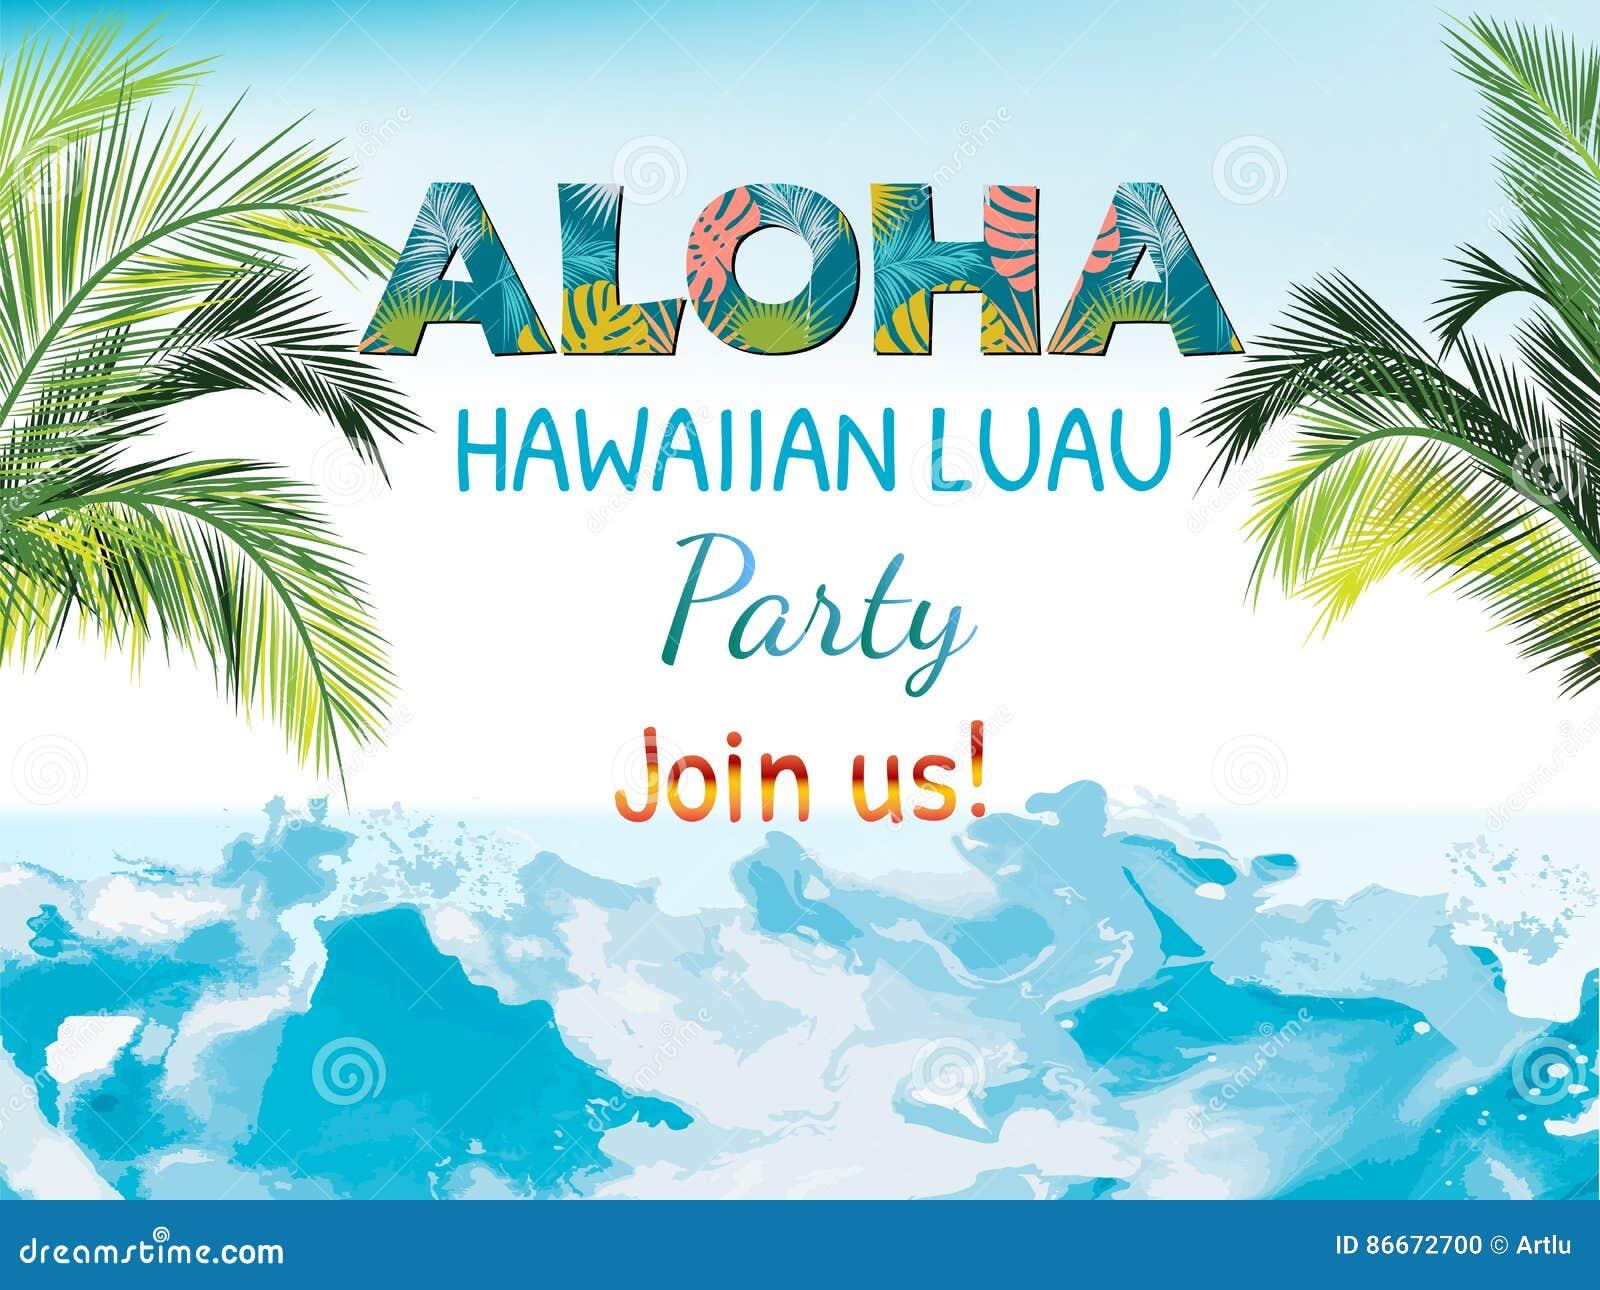 aloha hawaiian party template invitation stock vector